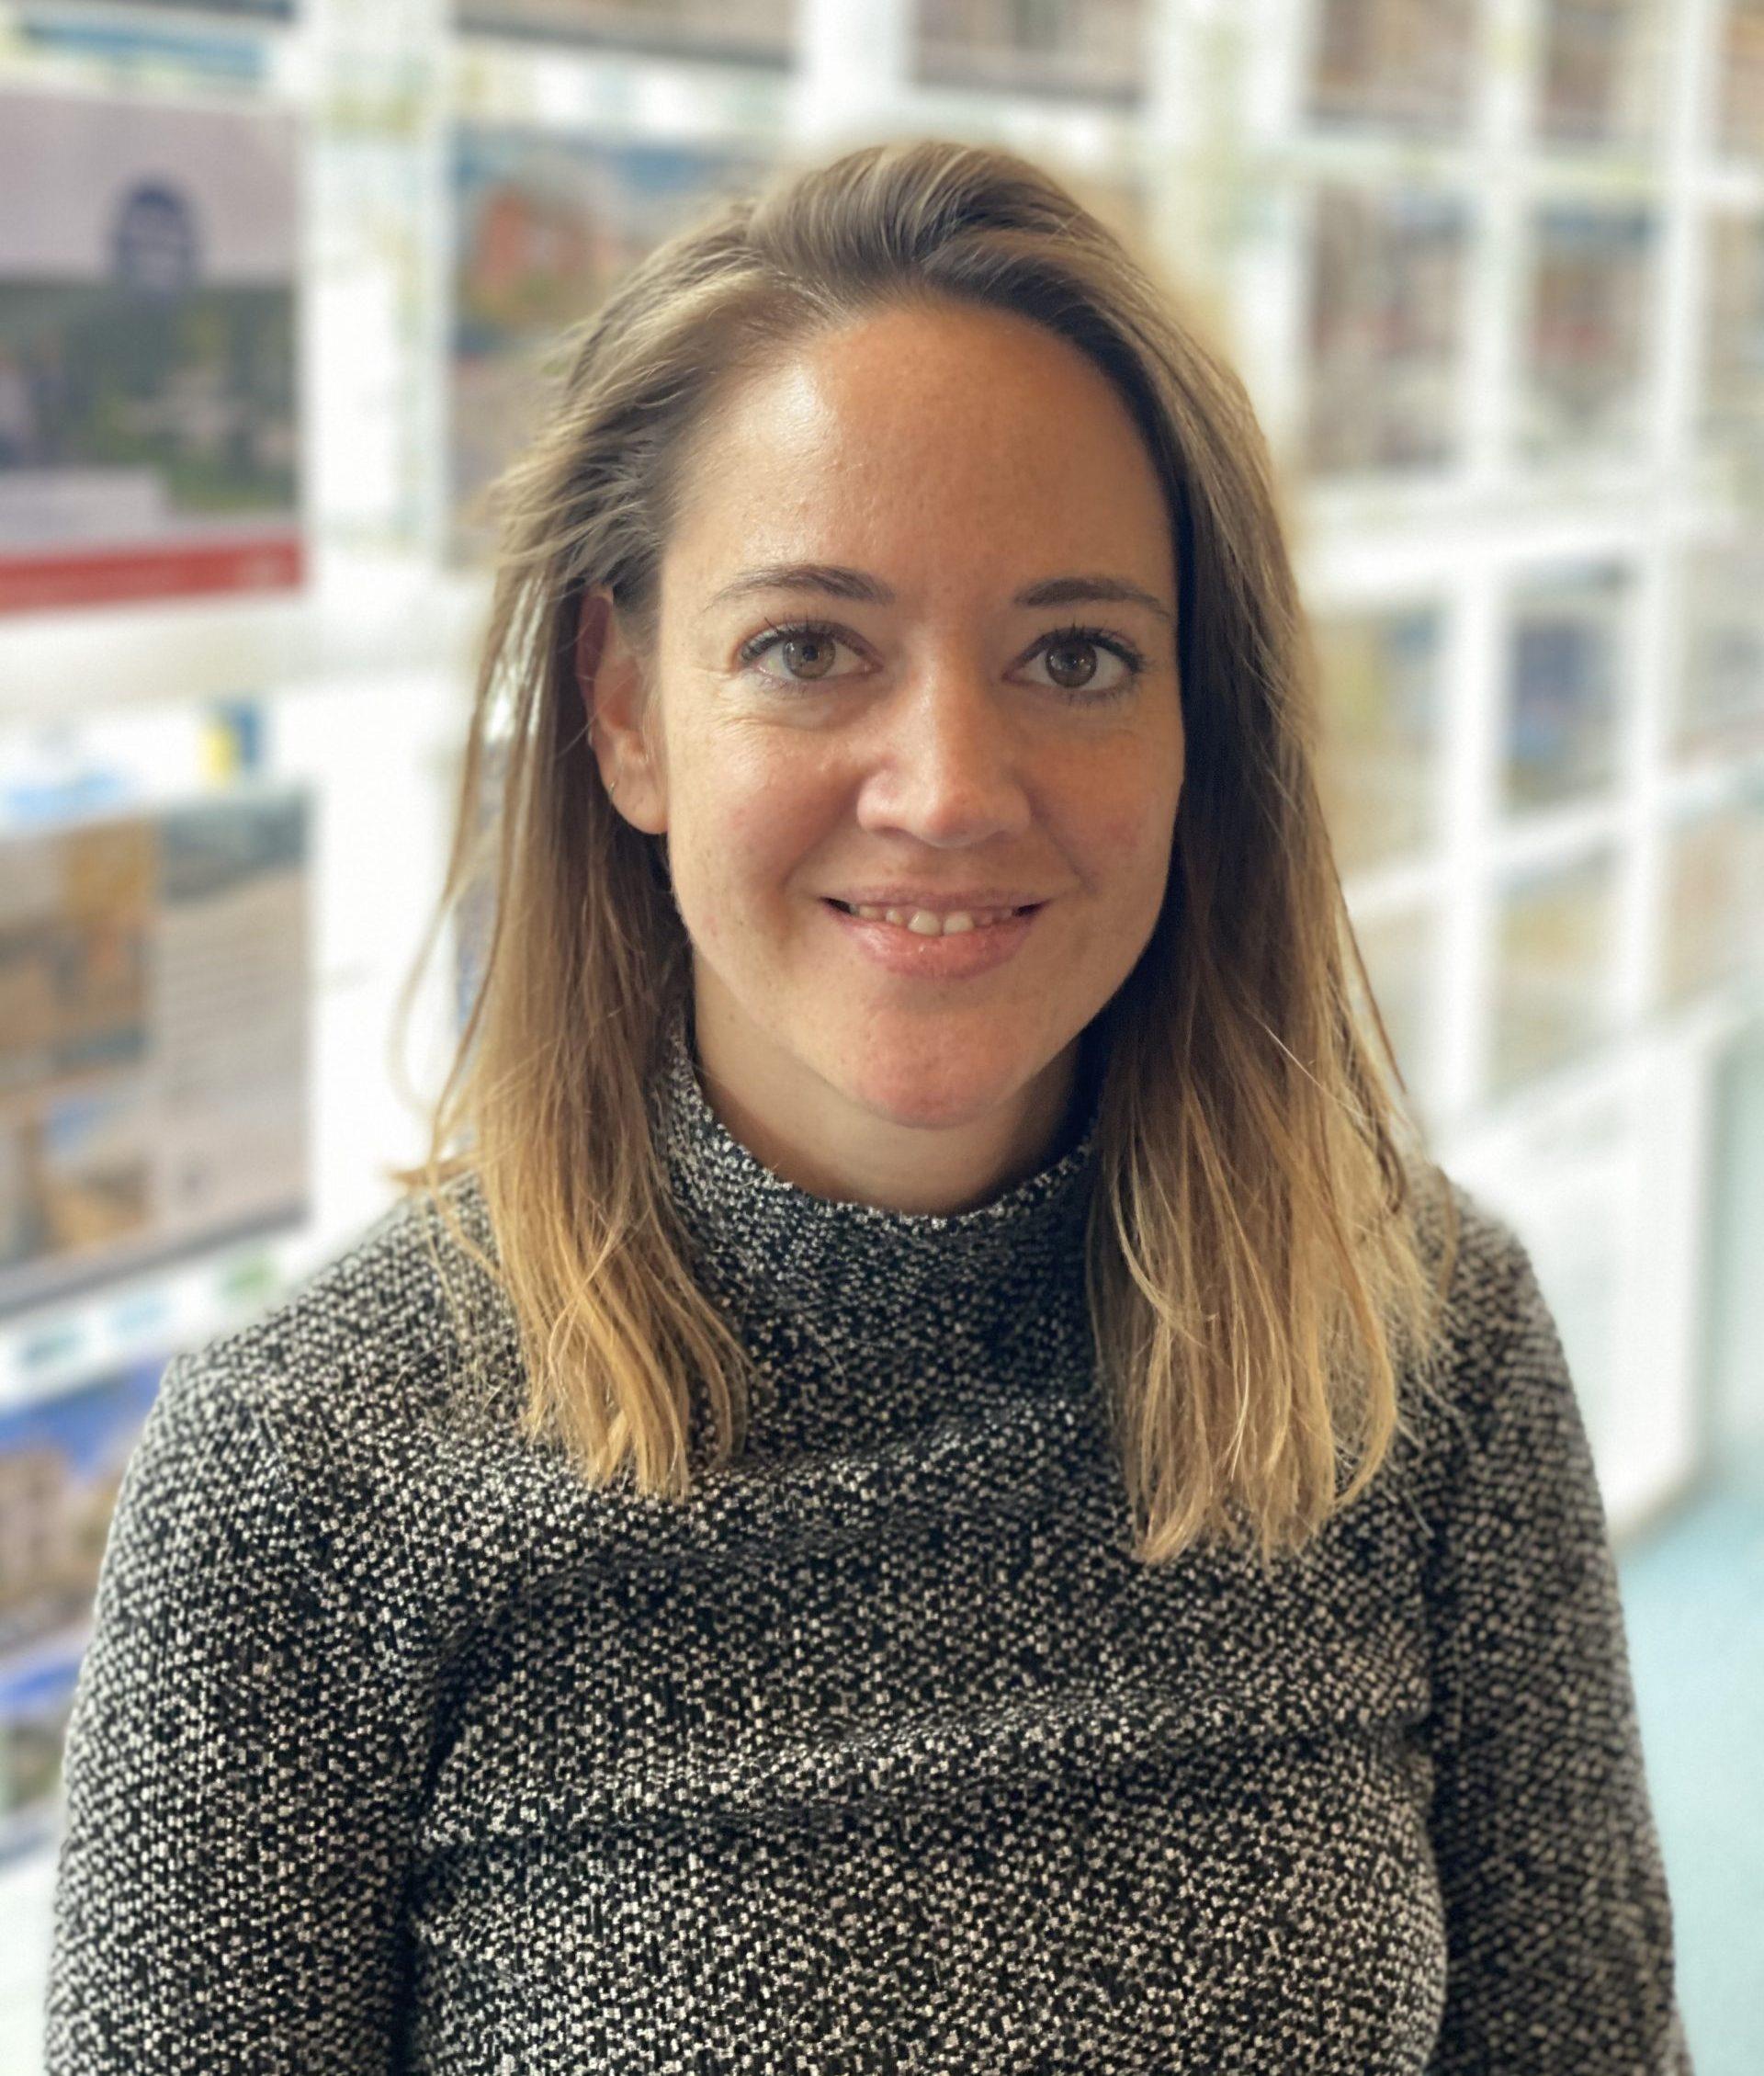 Sophie van Baren